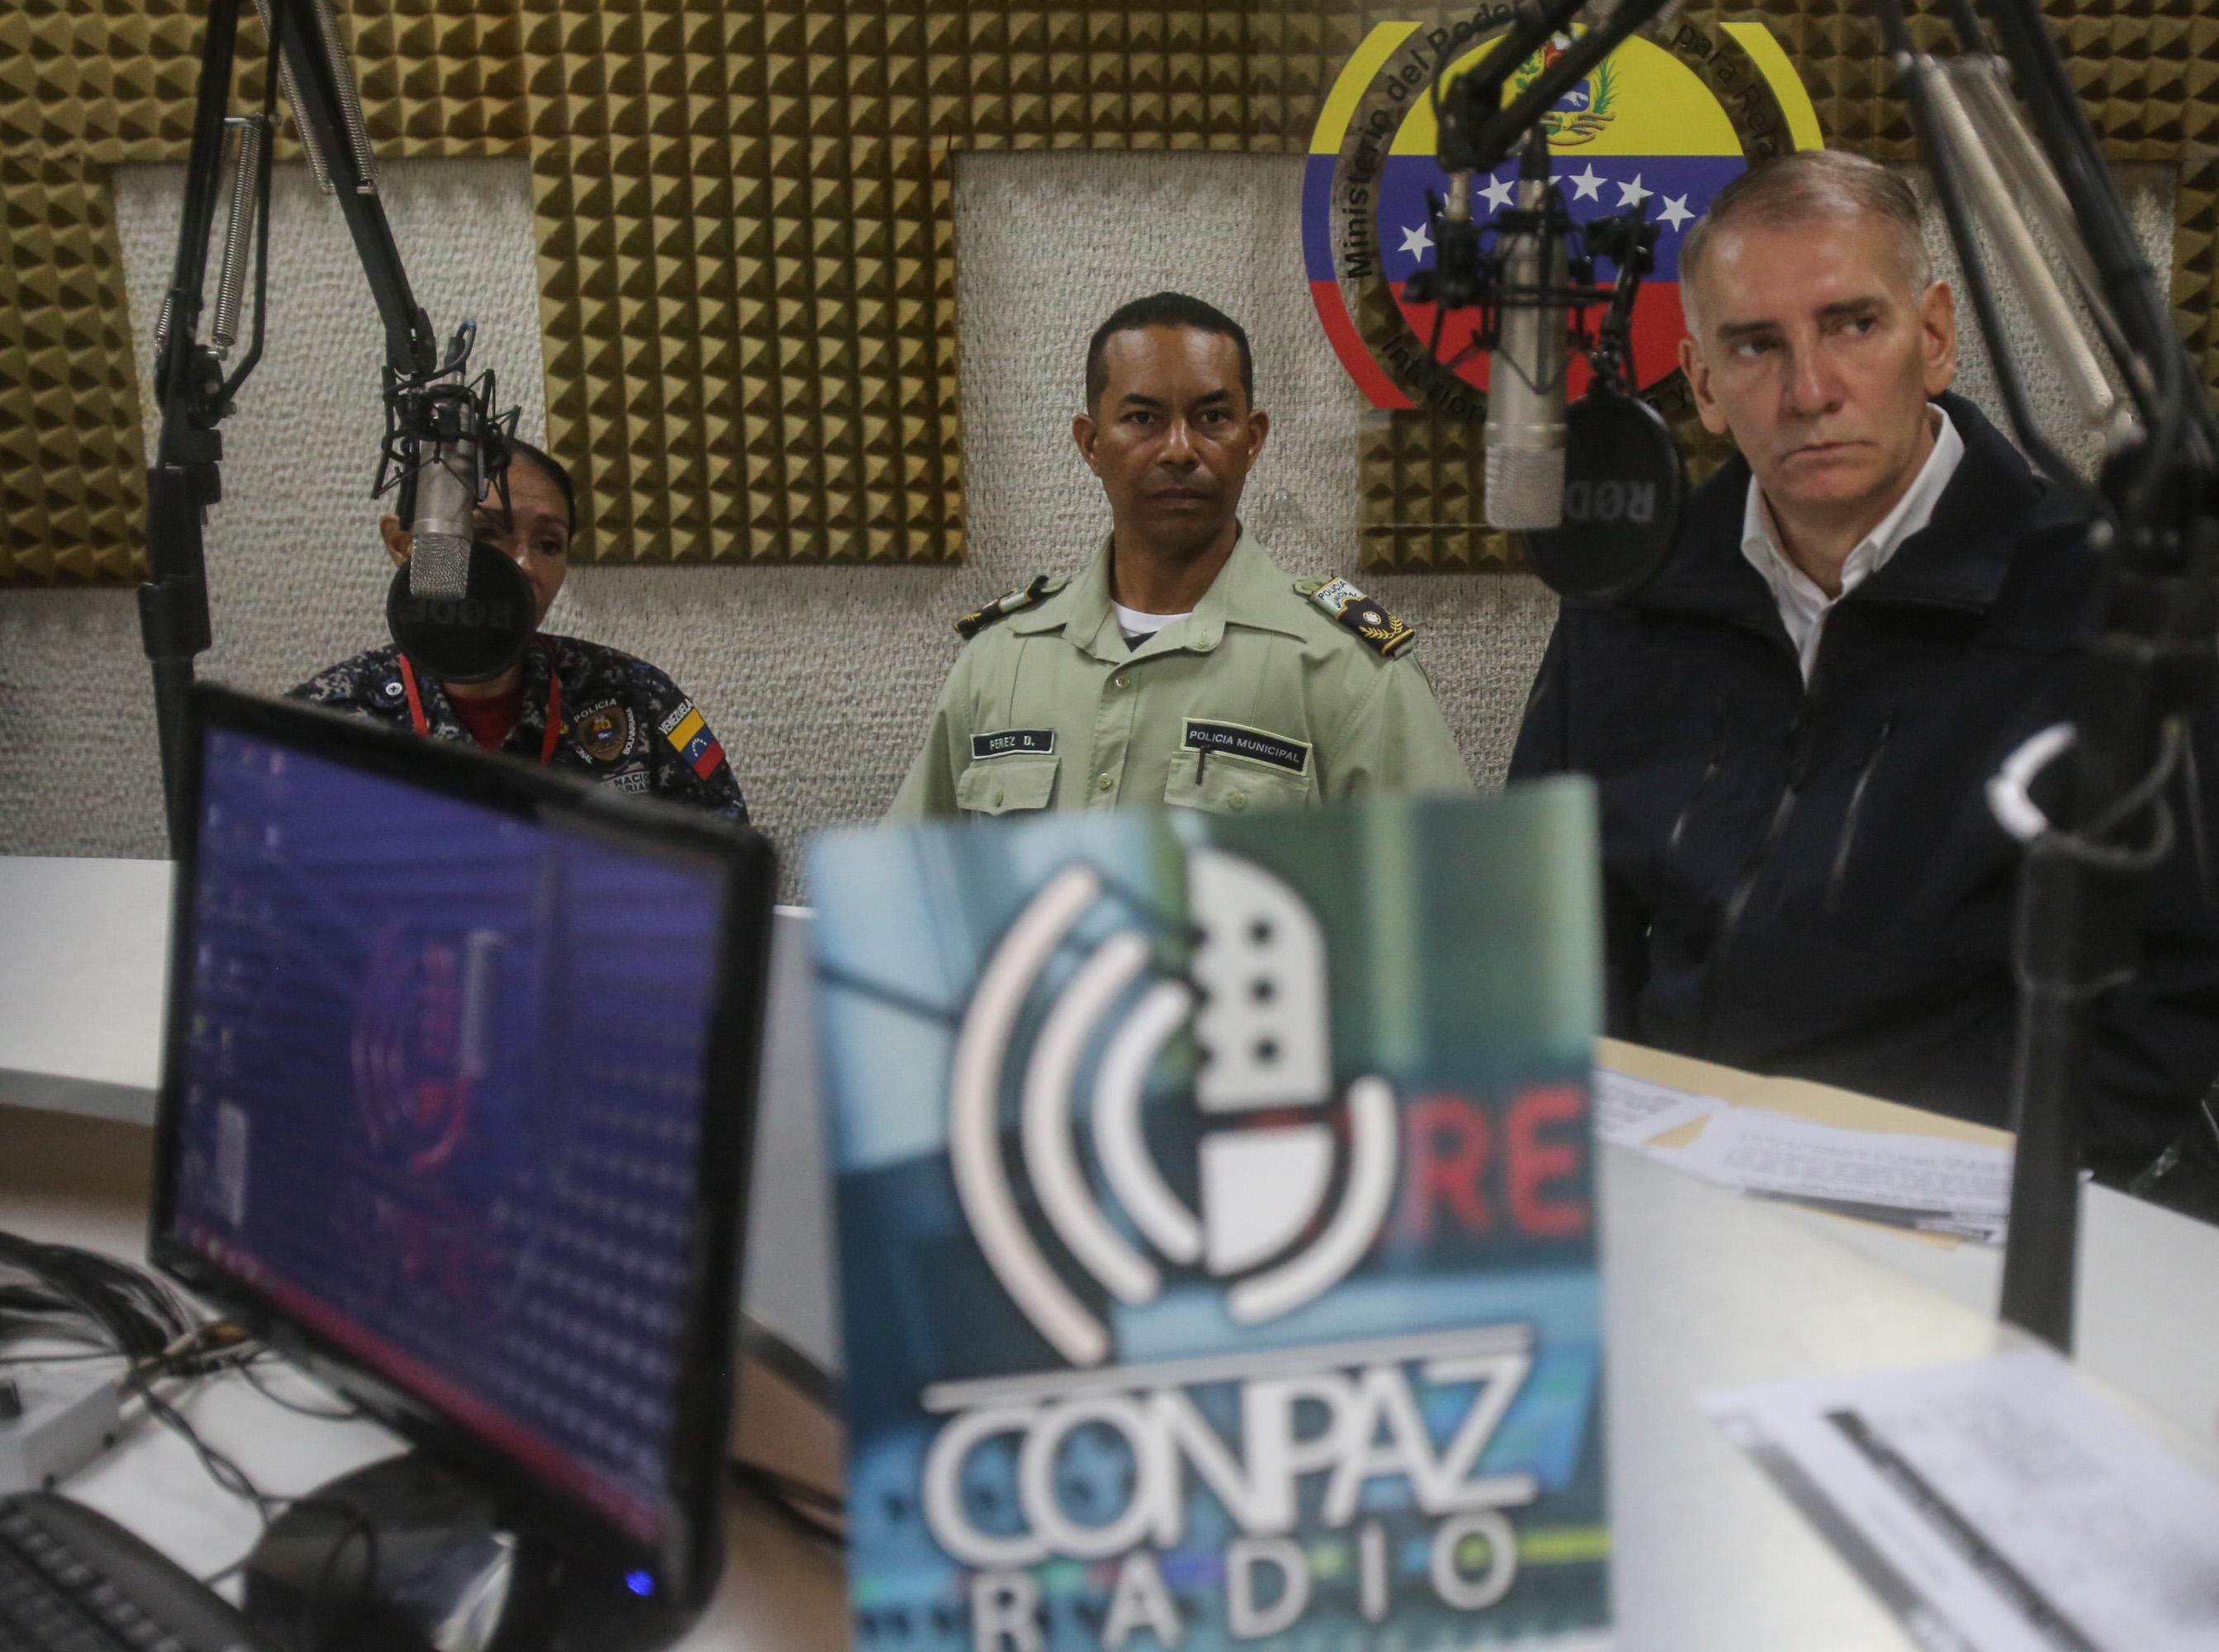 Viceministro Molina Buenas prácticas policiales promueve el respeto de los Derechos Humanos (8)